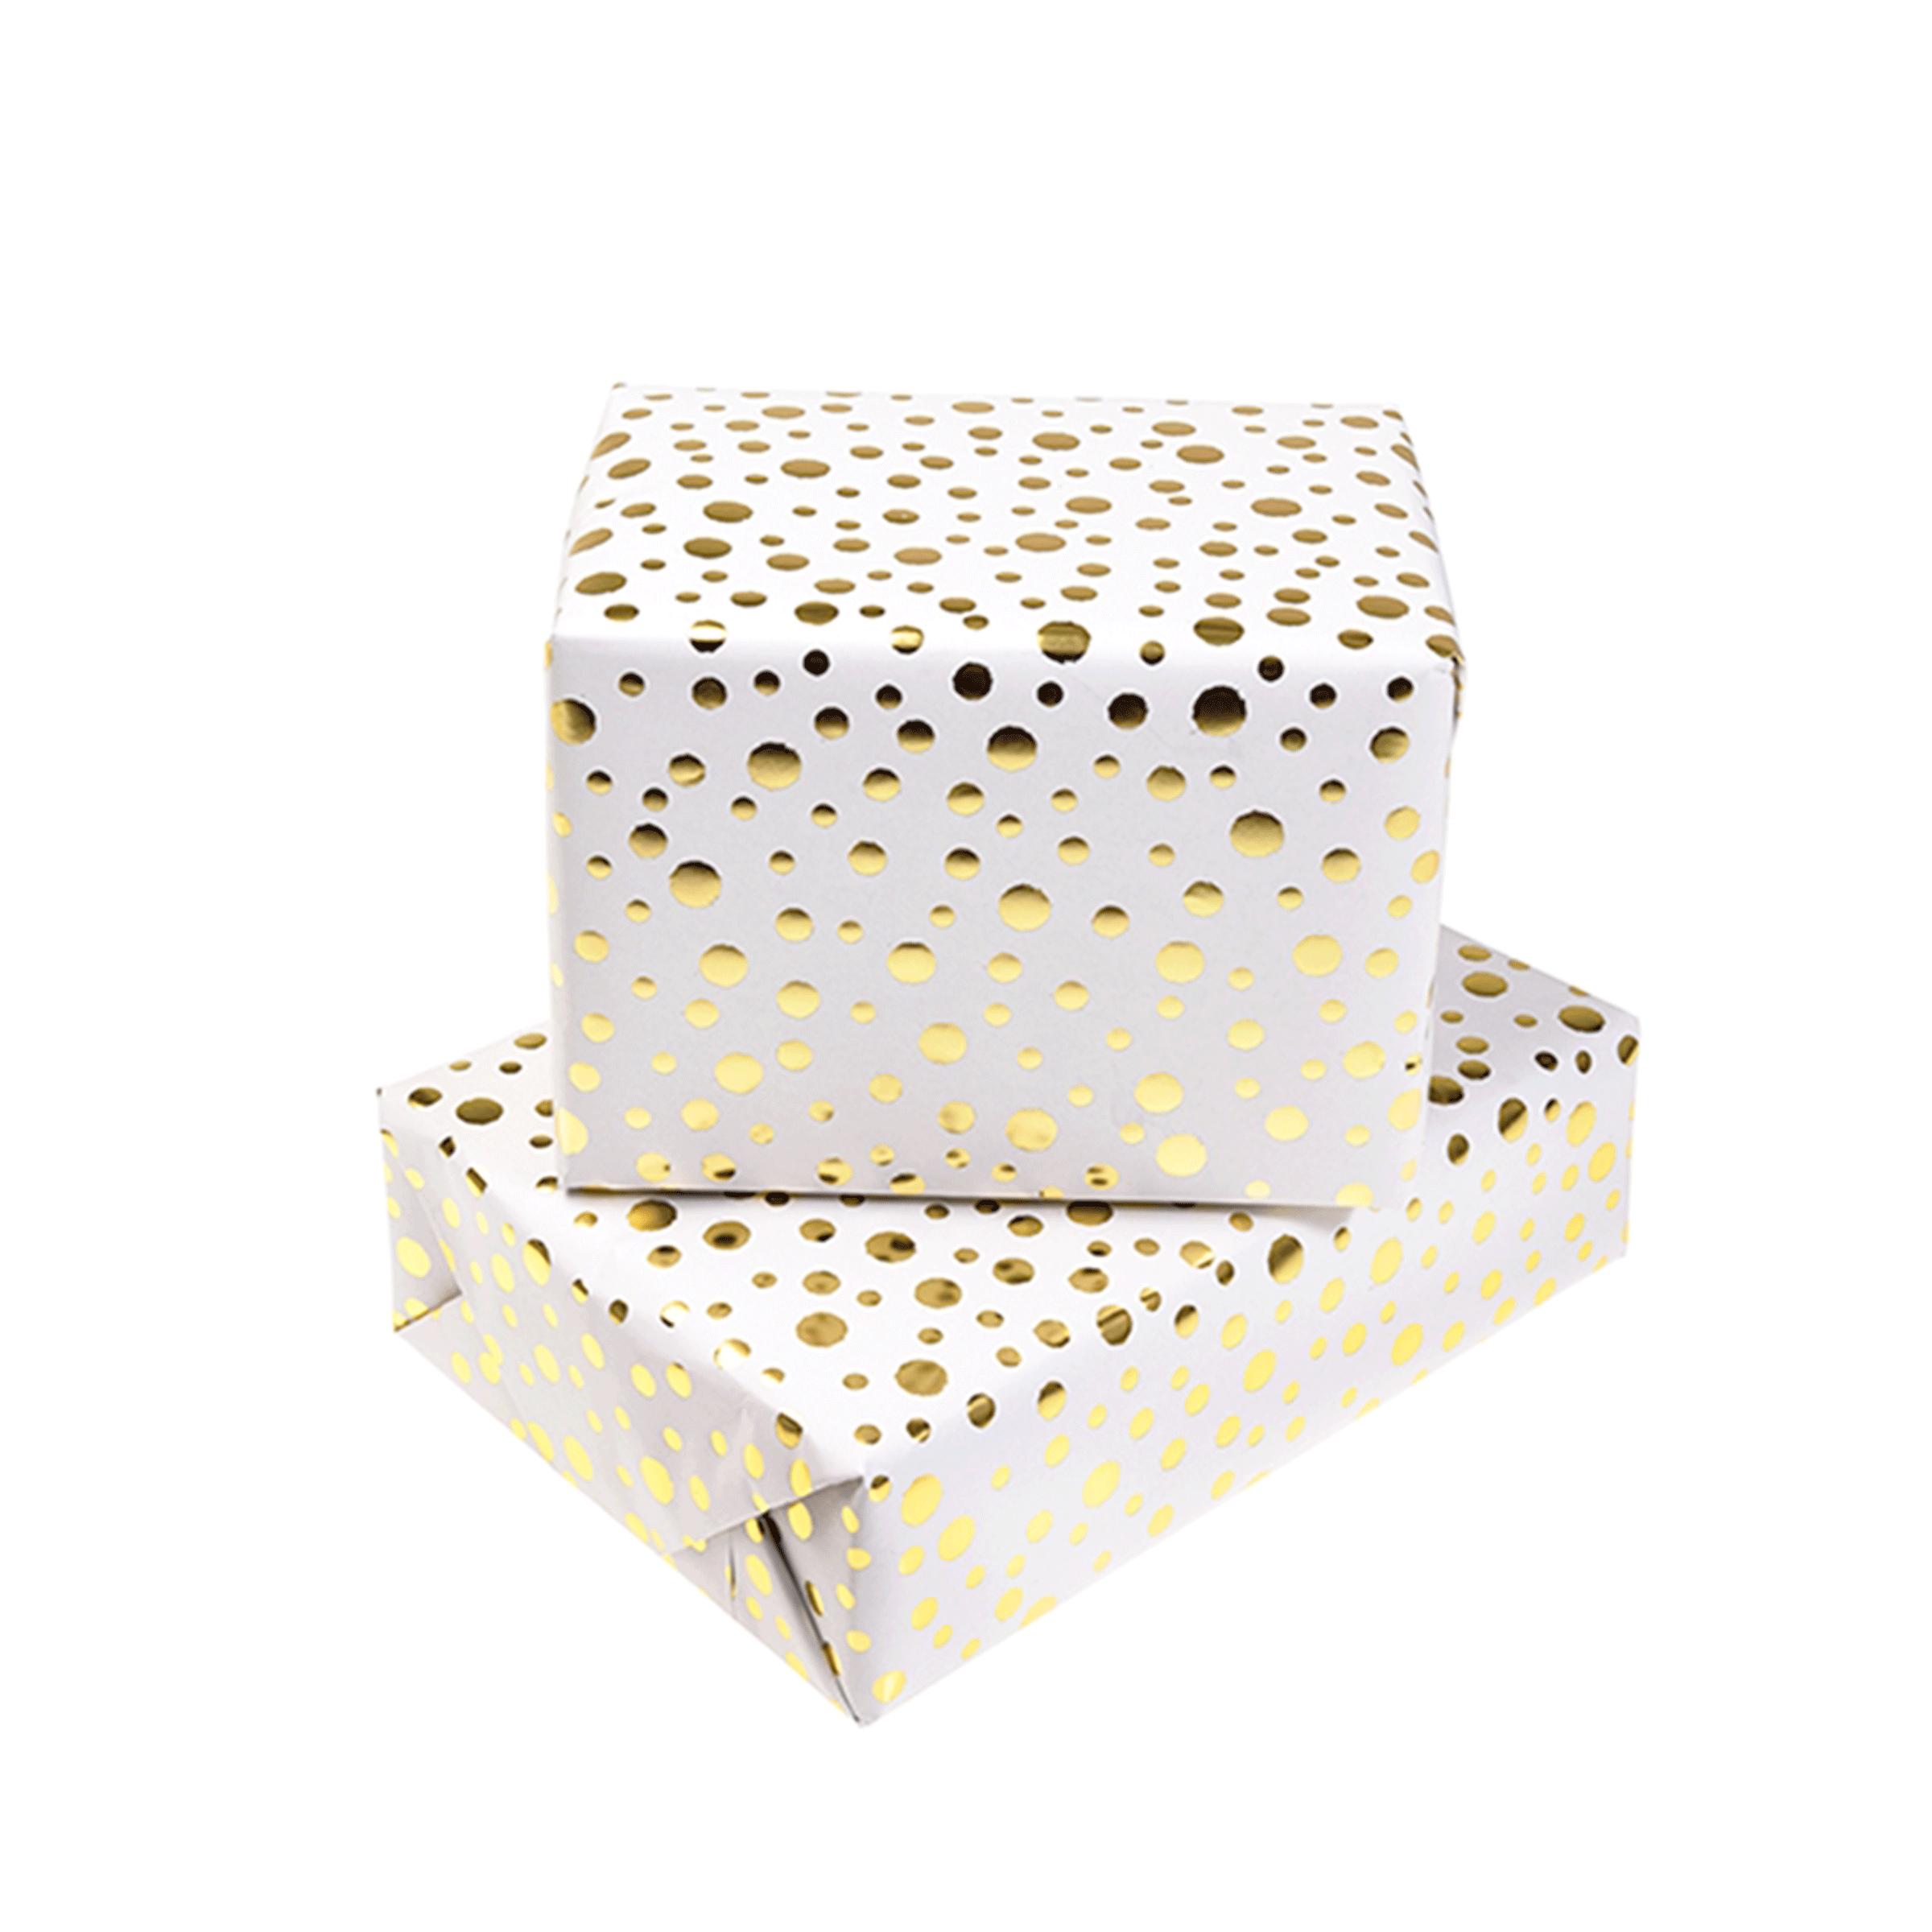 Papier cadeau blanc avec des pois dorés